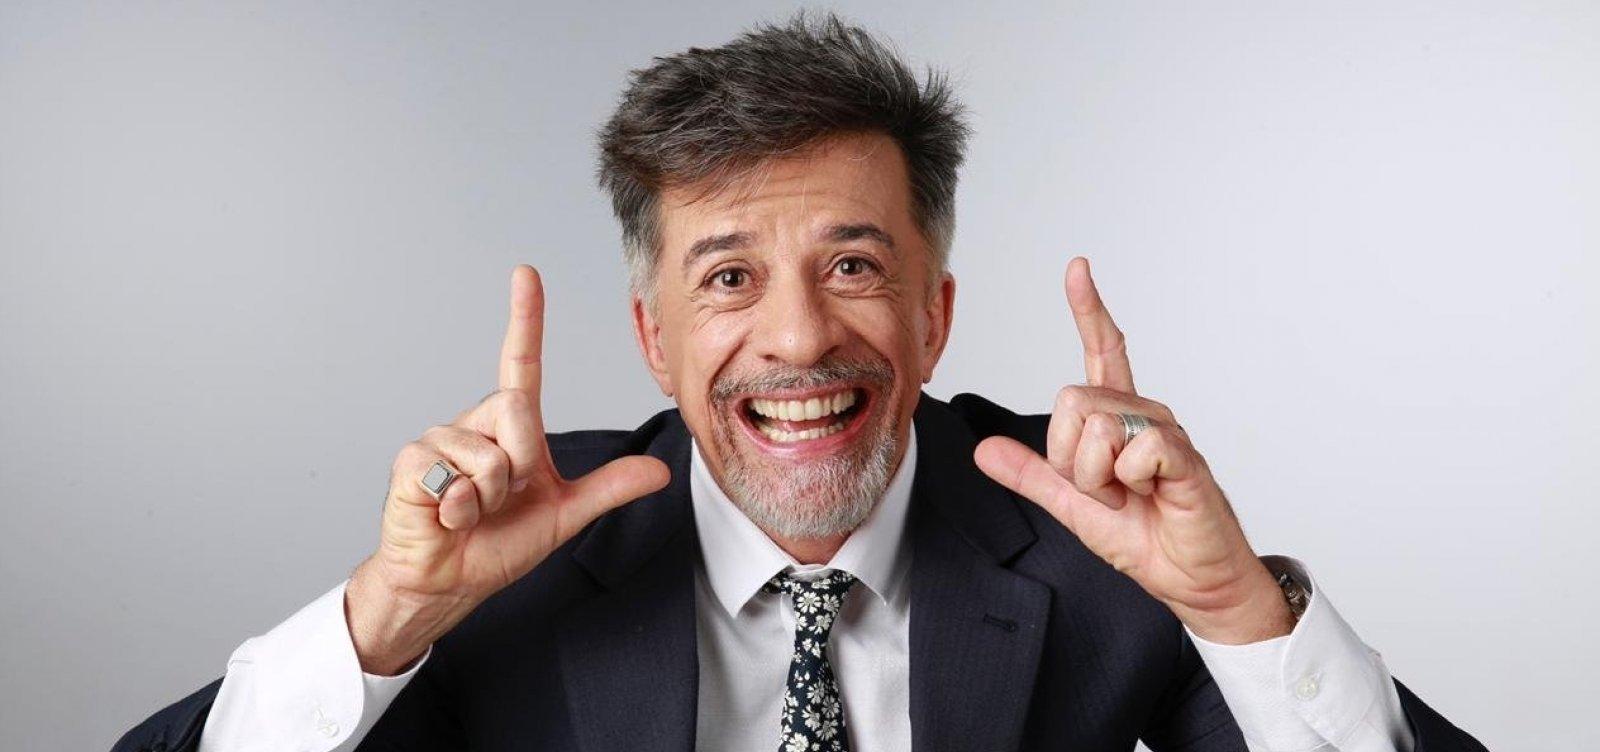 Fernando Guerreiro é o convidado do 'CinePapo – Inquietações Contemporâneas', que reestreia hoje